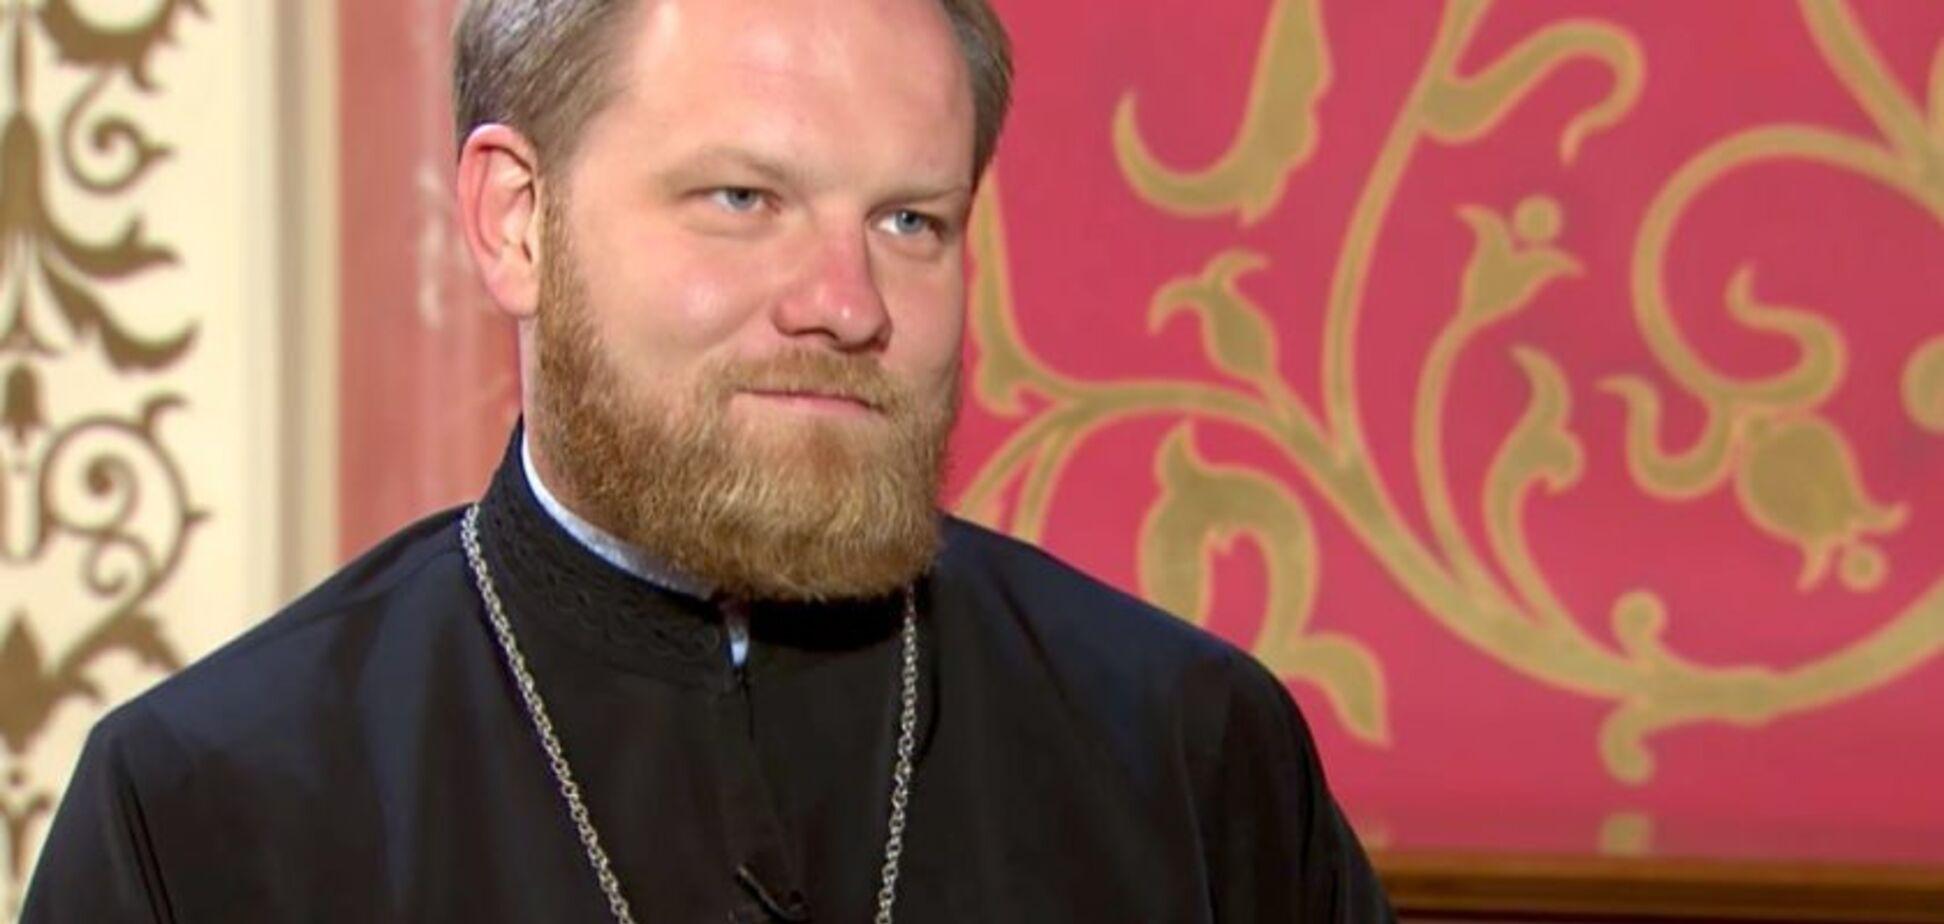 ''Так точно!'' Людина патріарха Кирила жорстко прокололася в прямому ефірі